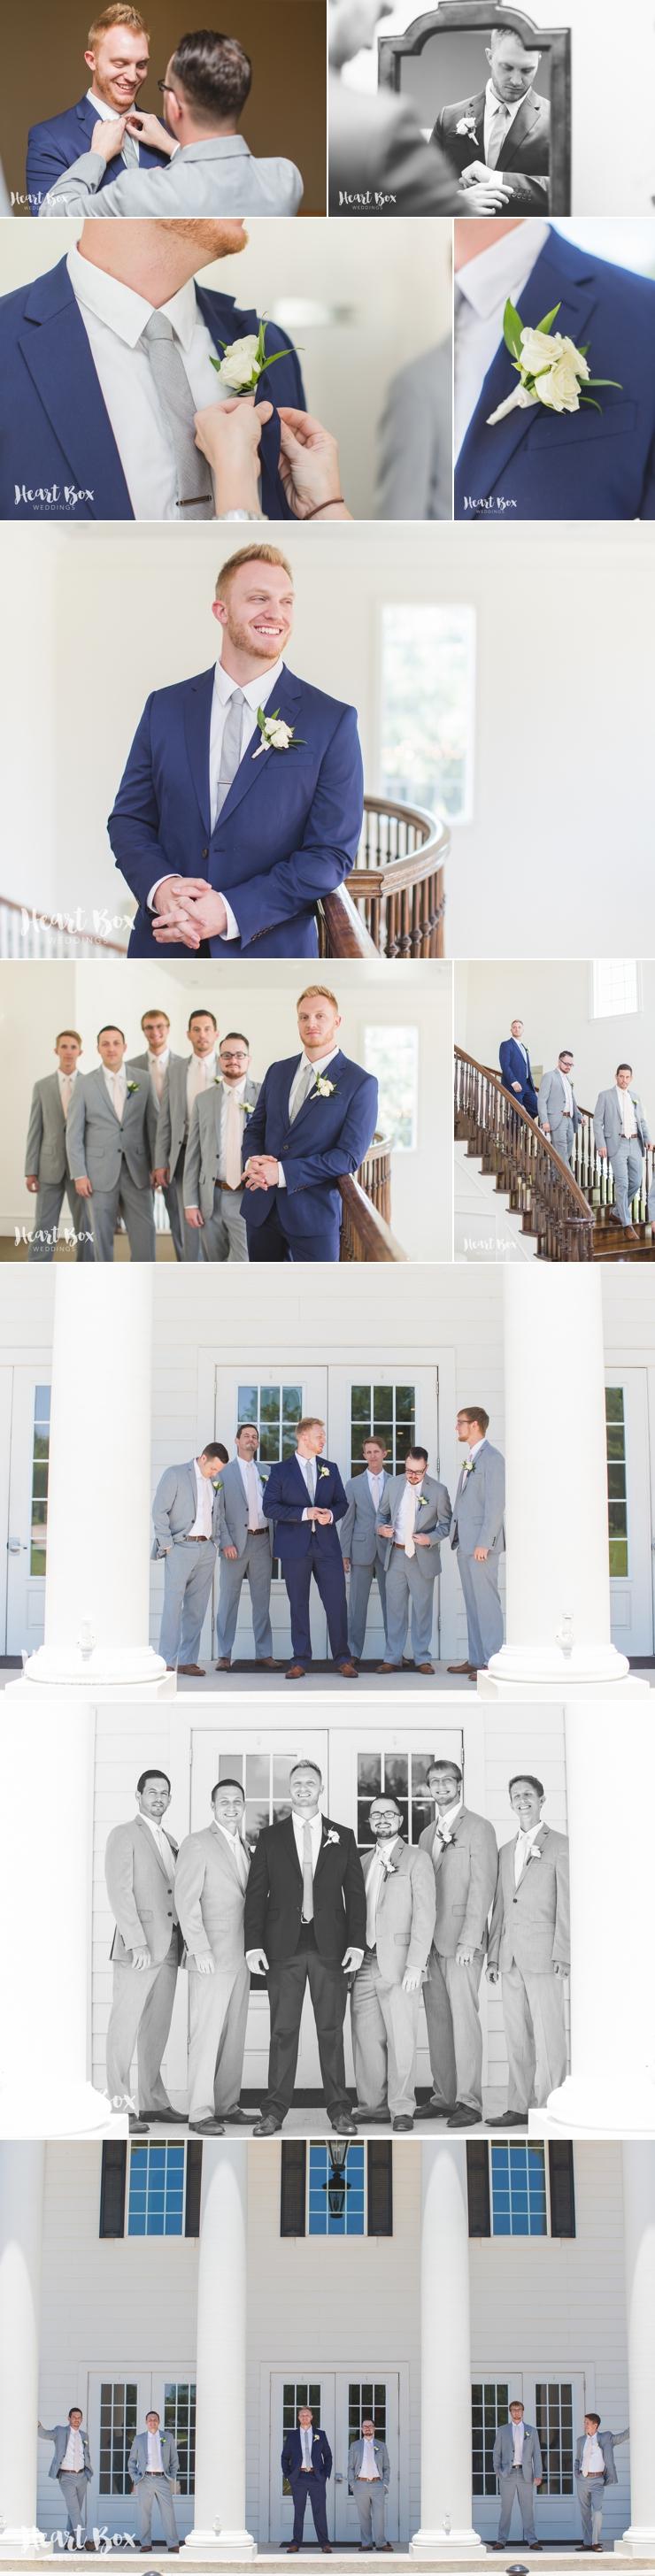 Muprhey Wedding Blog Collages 4.jpg